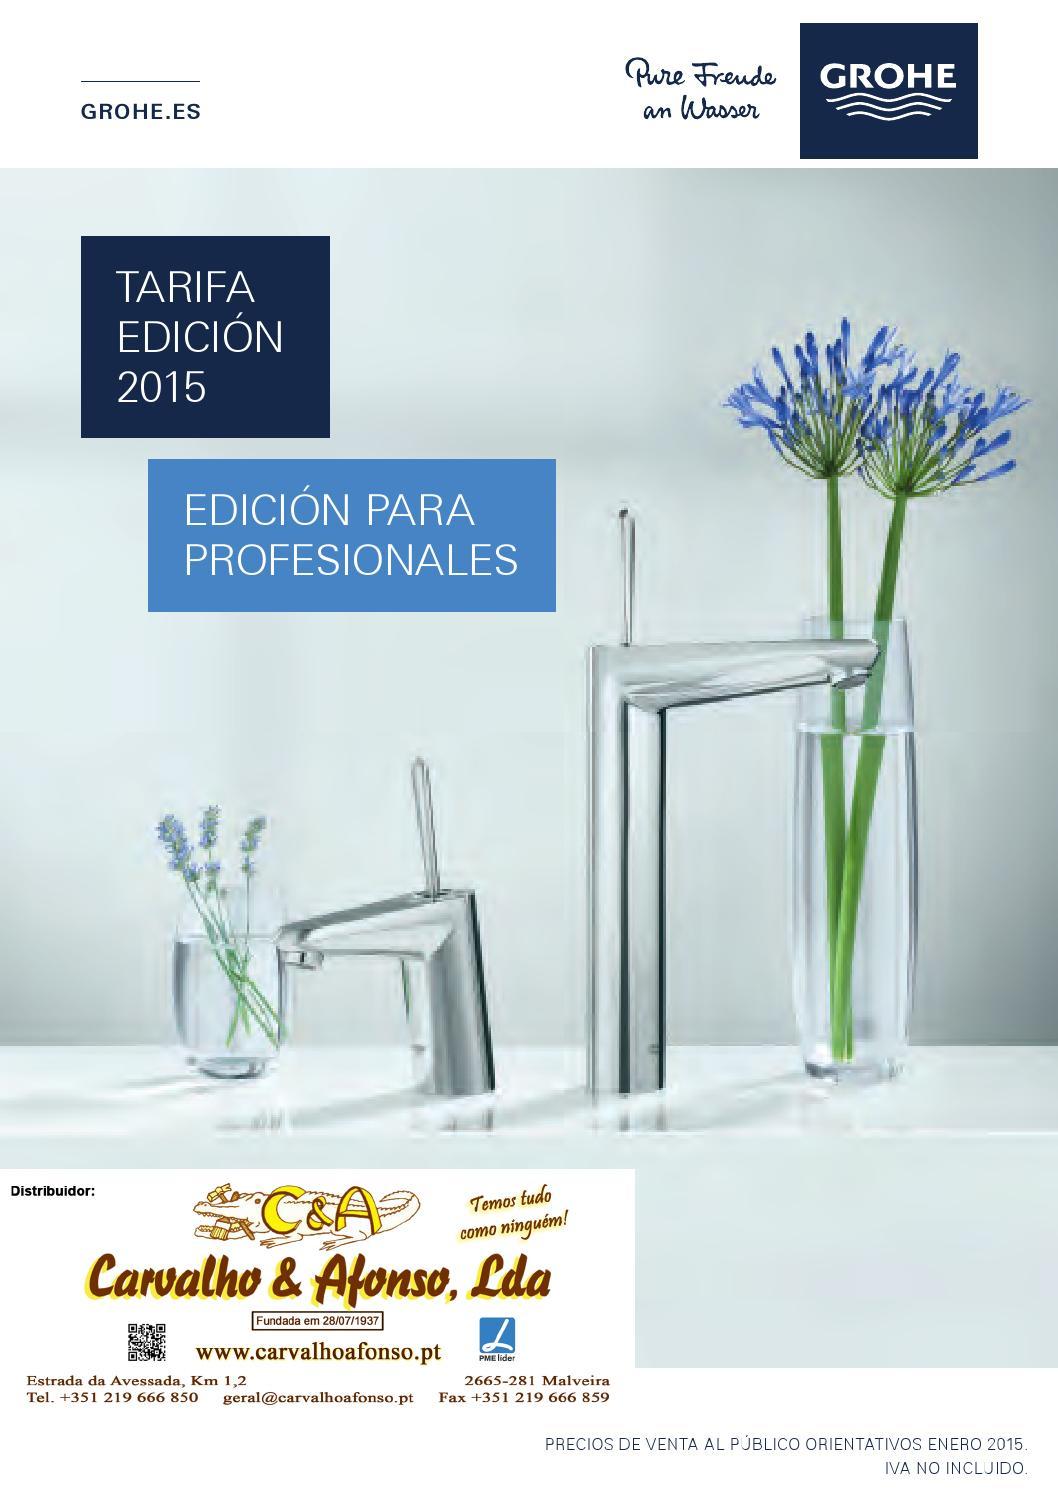 Grohe tarifa edicion 2015 web ca parte1 by carvalho for Tarifa grohe